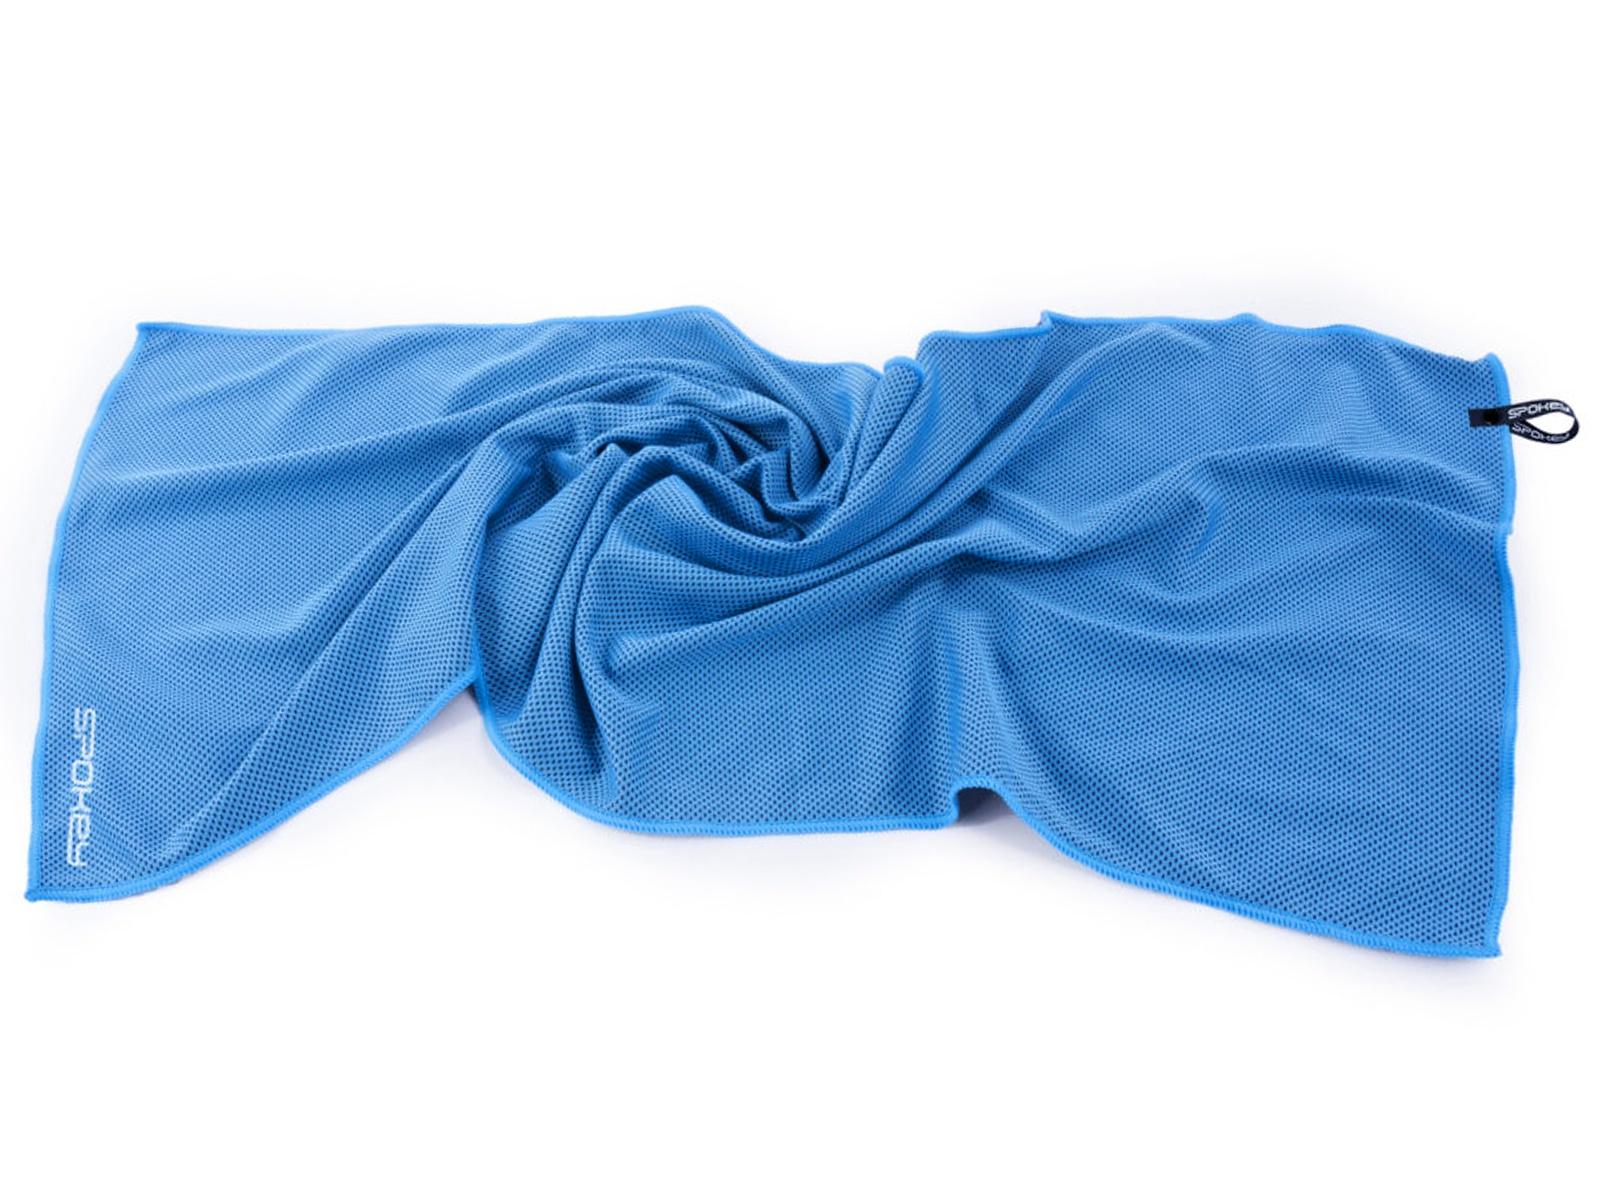 Rychleschnoucí ručník SPOKEY Cosmo 31 x 84 cm, modrý